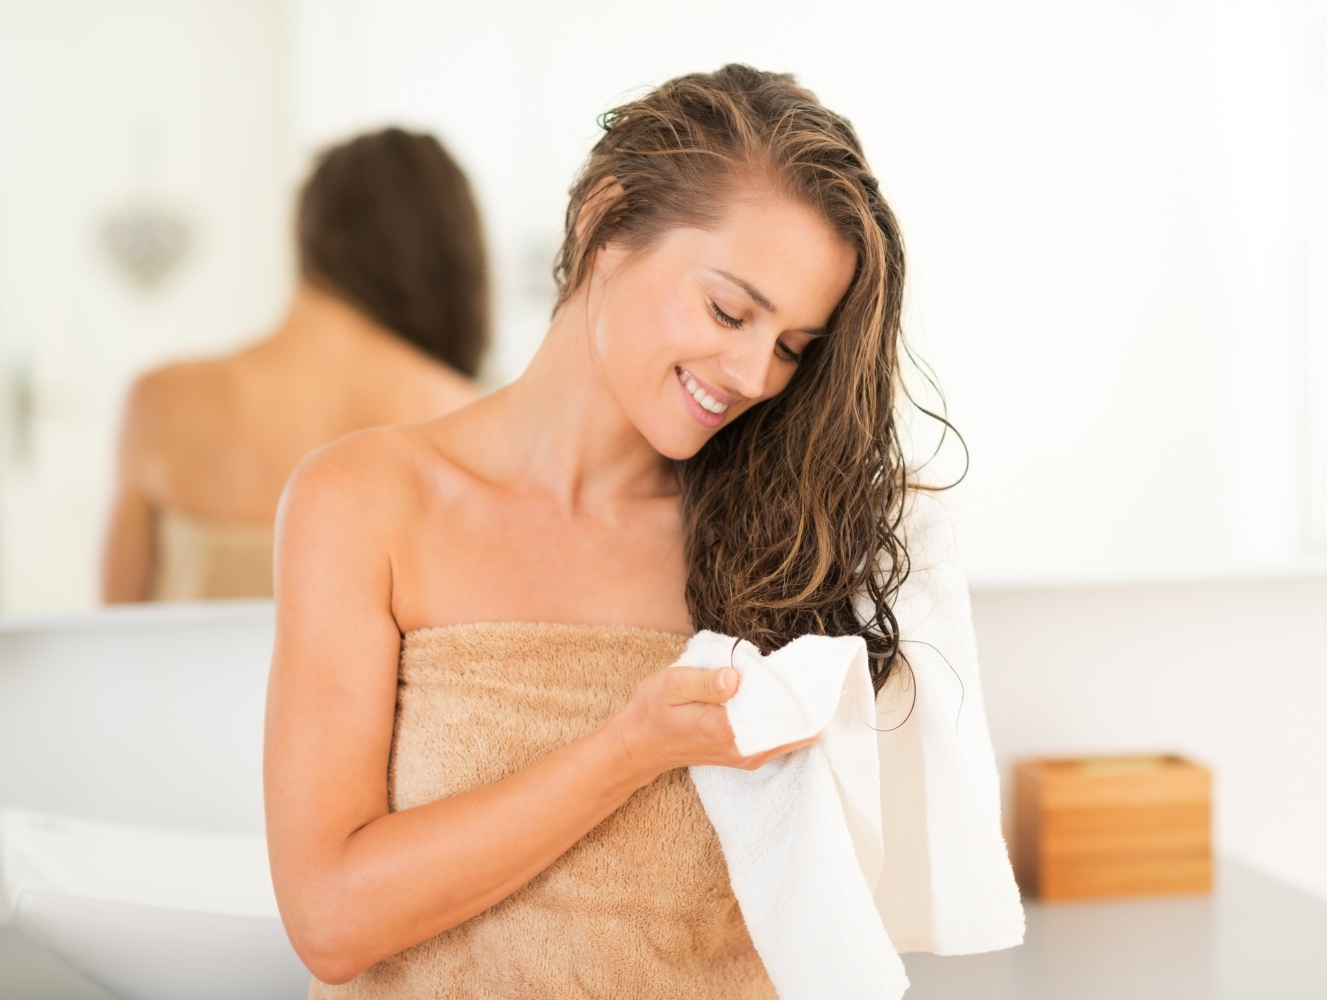 jovem-com-cabelo-molhado-após-banho